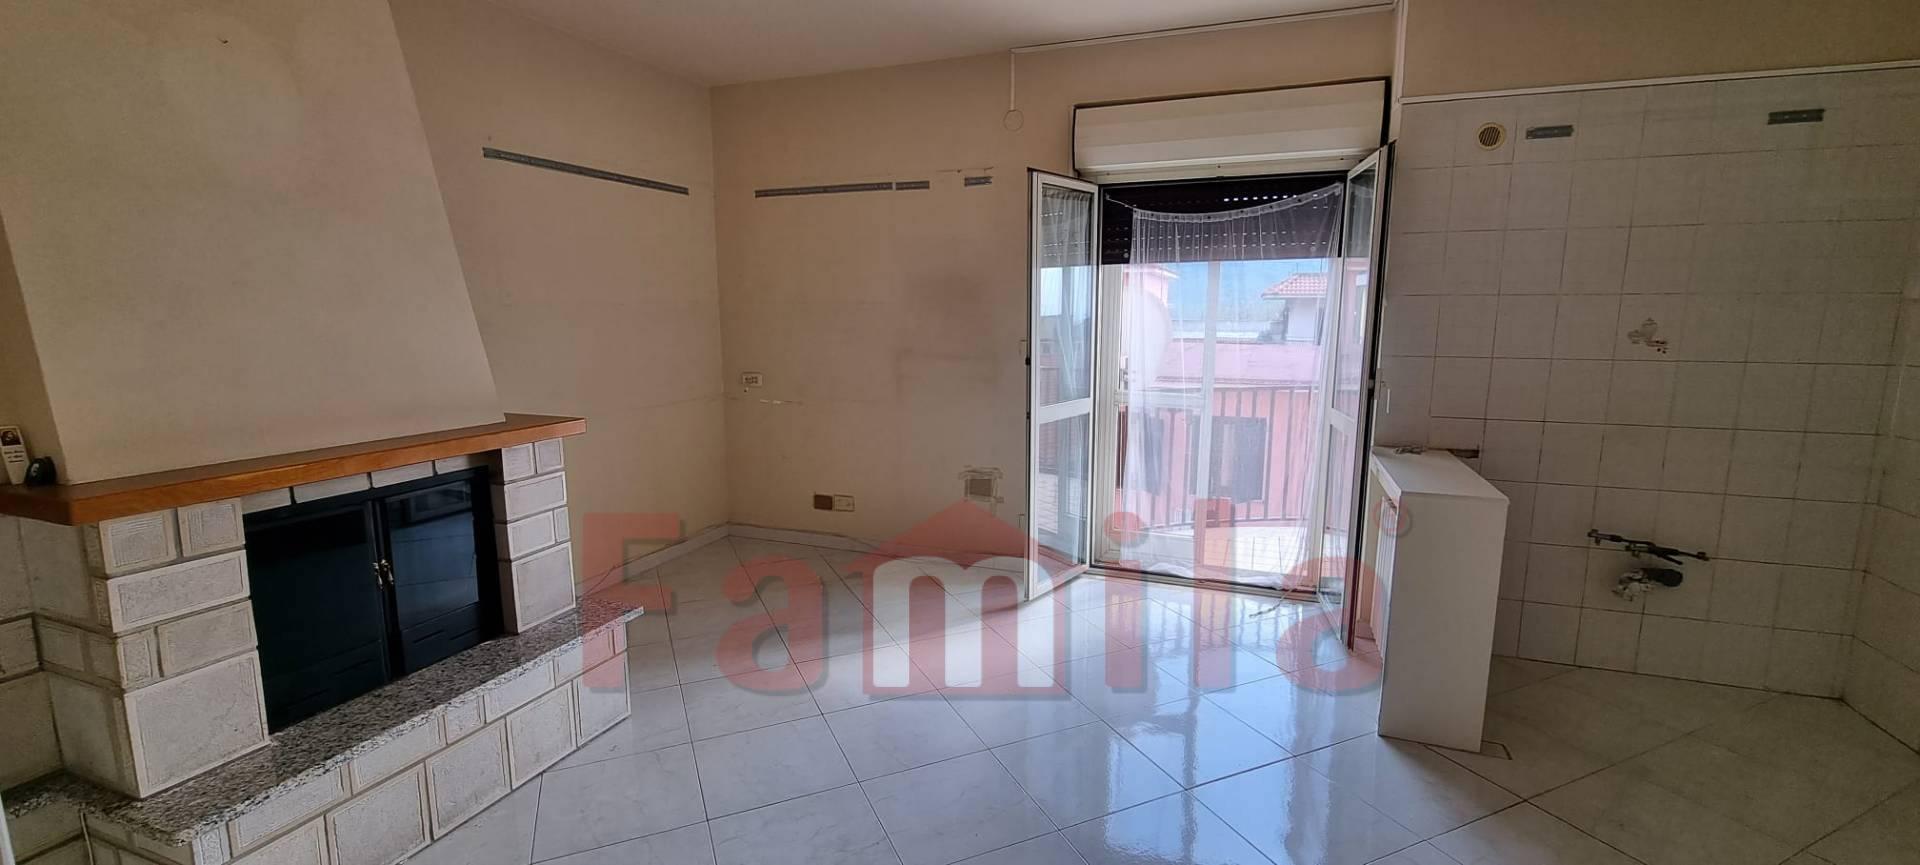 Appartamento in vendita a Sirignano, 4 locali, prezzo € 115.000 | CambioCasa.it